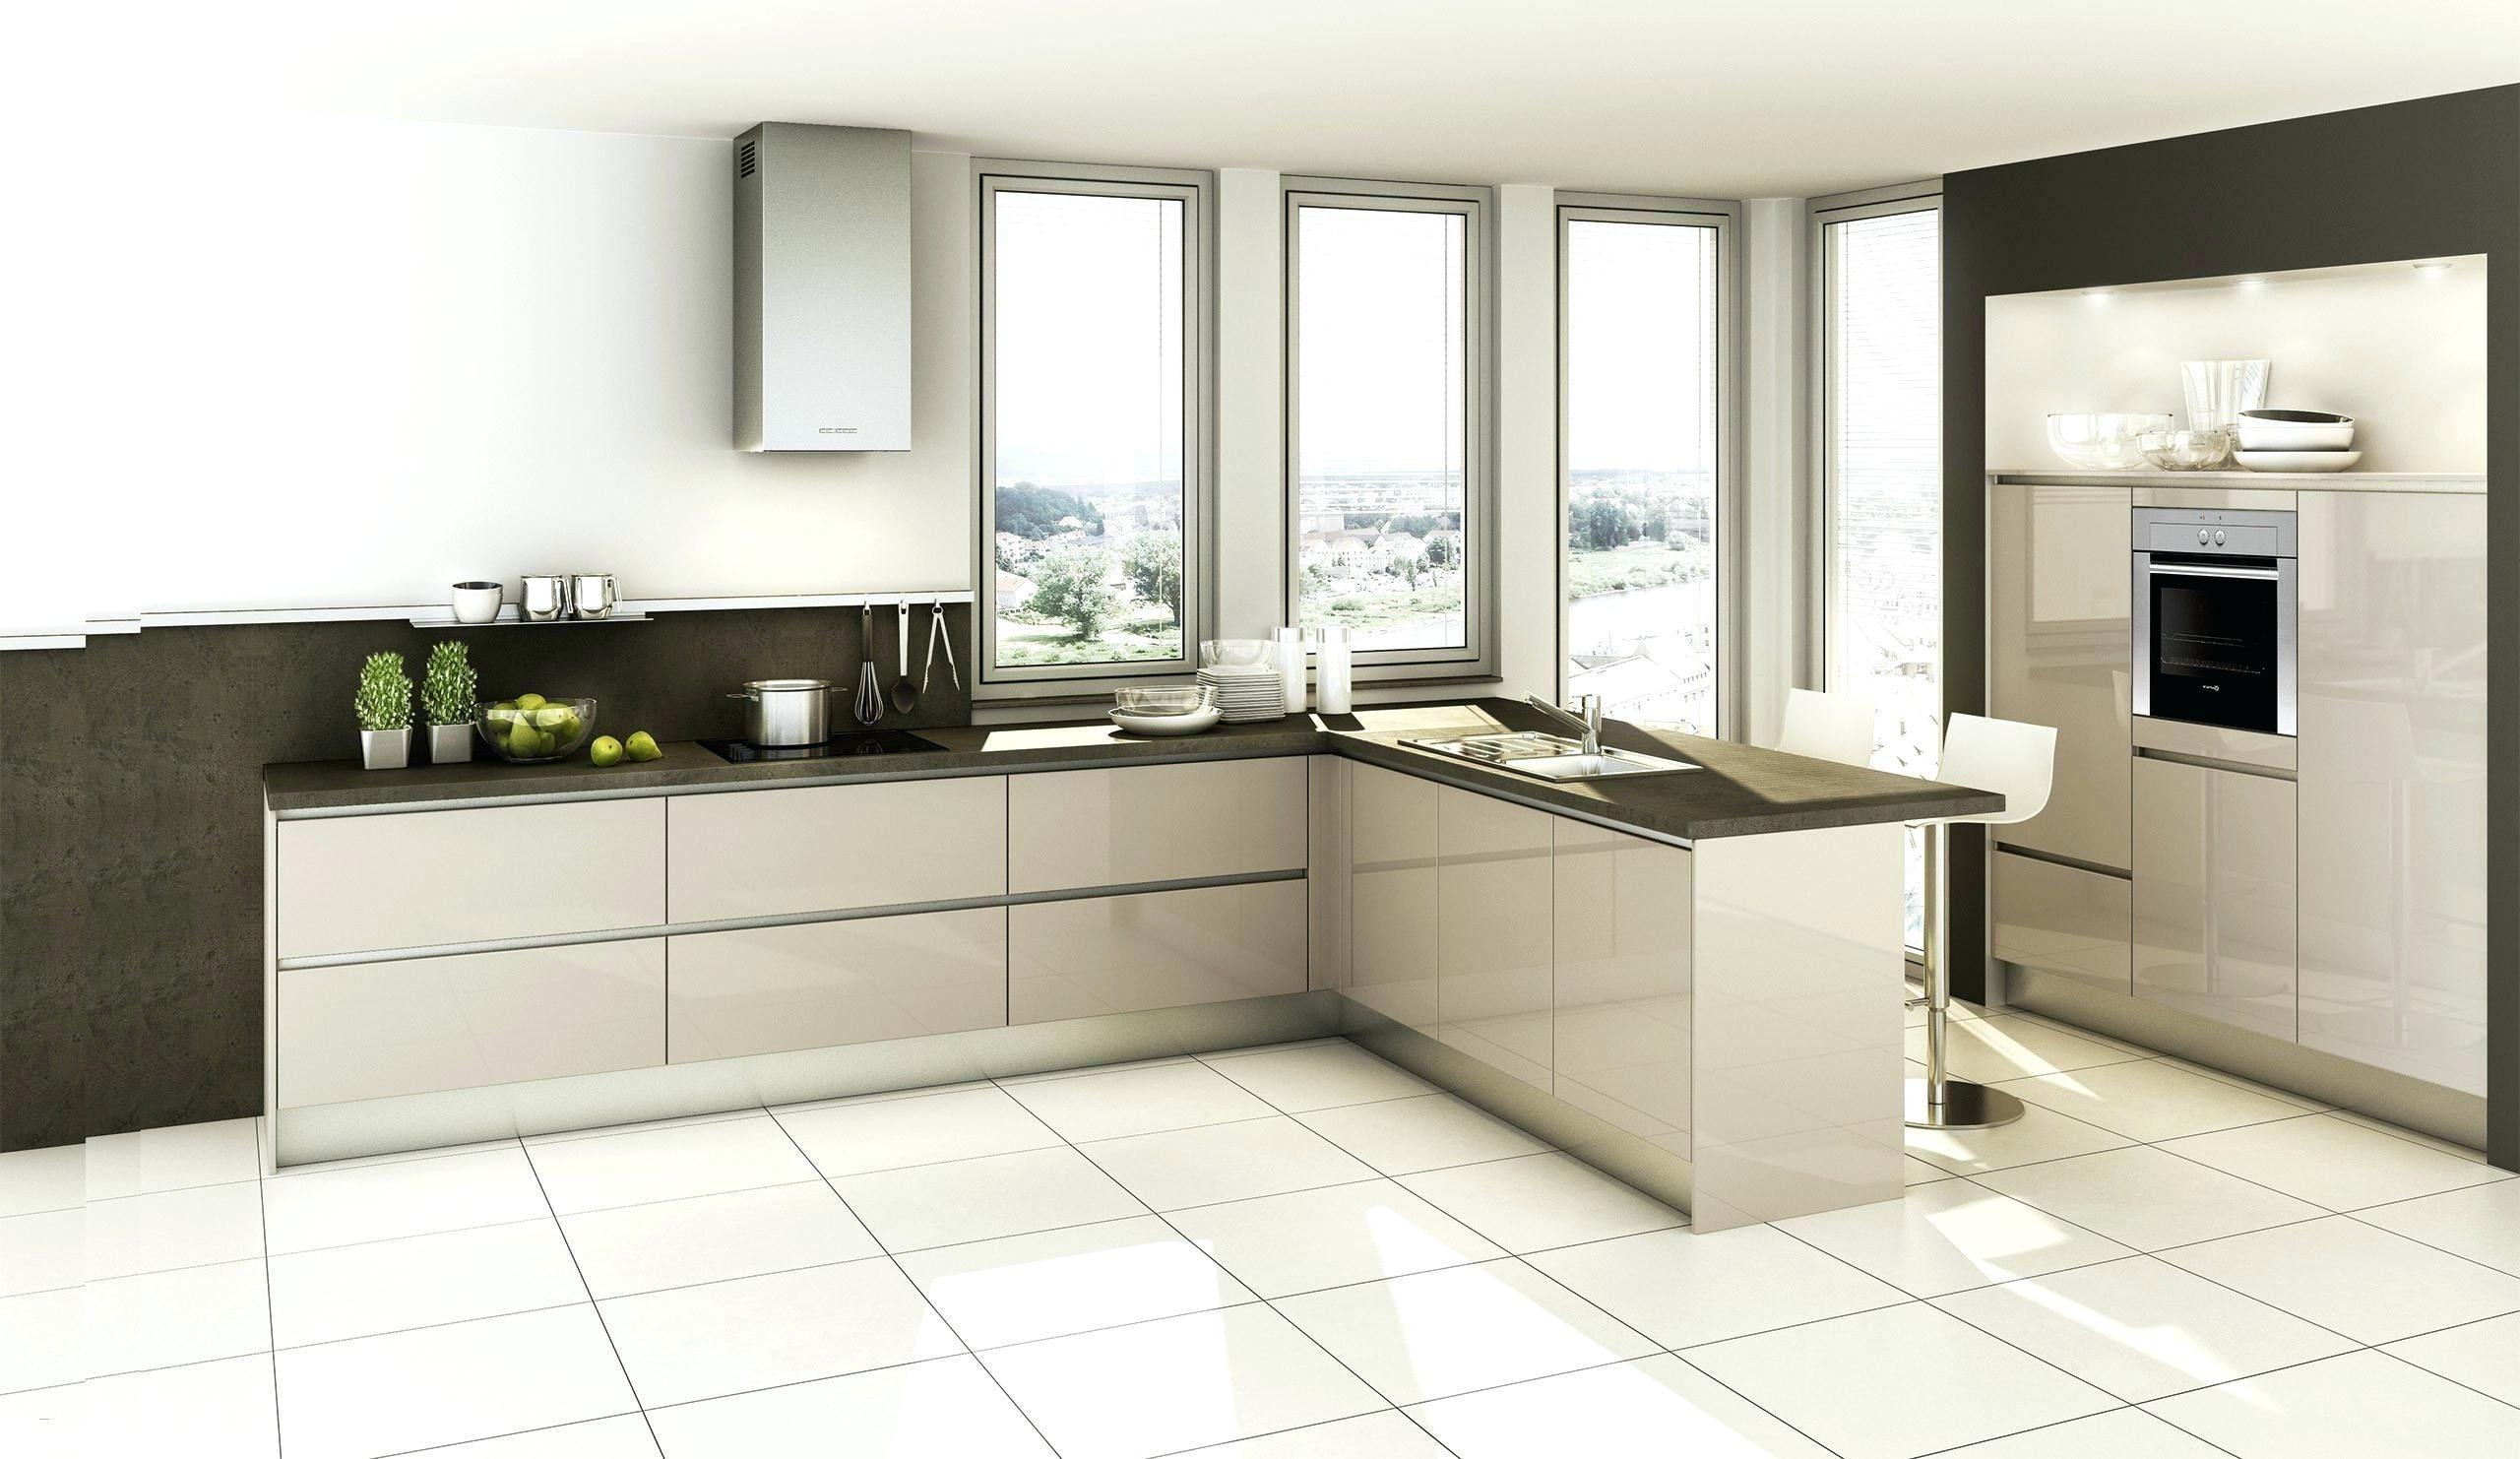 47 Neu Kuchenzeile 45 Cm Tief Kitchen Remodel Kitchen Cabinets Kitchen